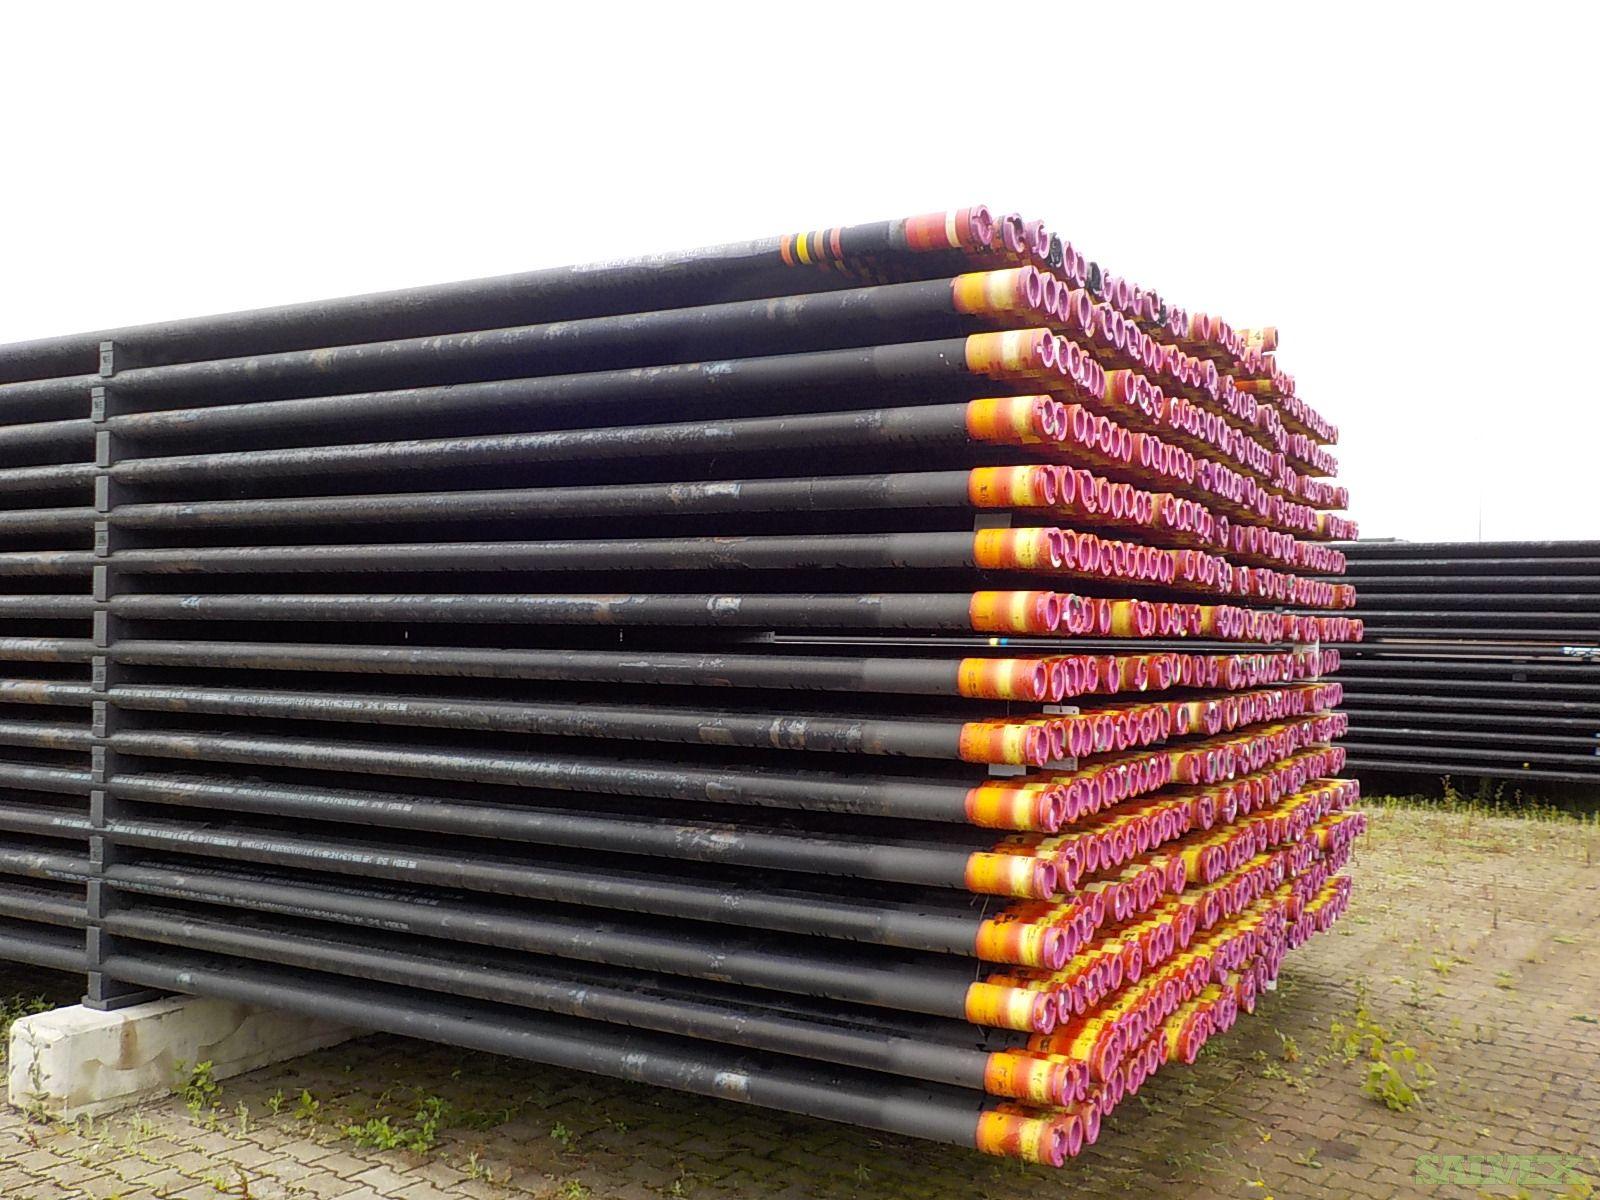 4 1/2'' and 3 1/2''  Chrome Surplus Tubing (7,183  Feet / 39 Metric Tons)